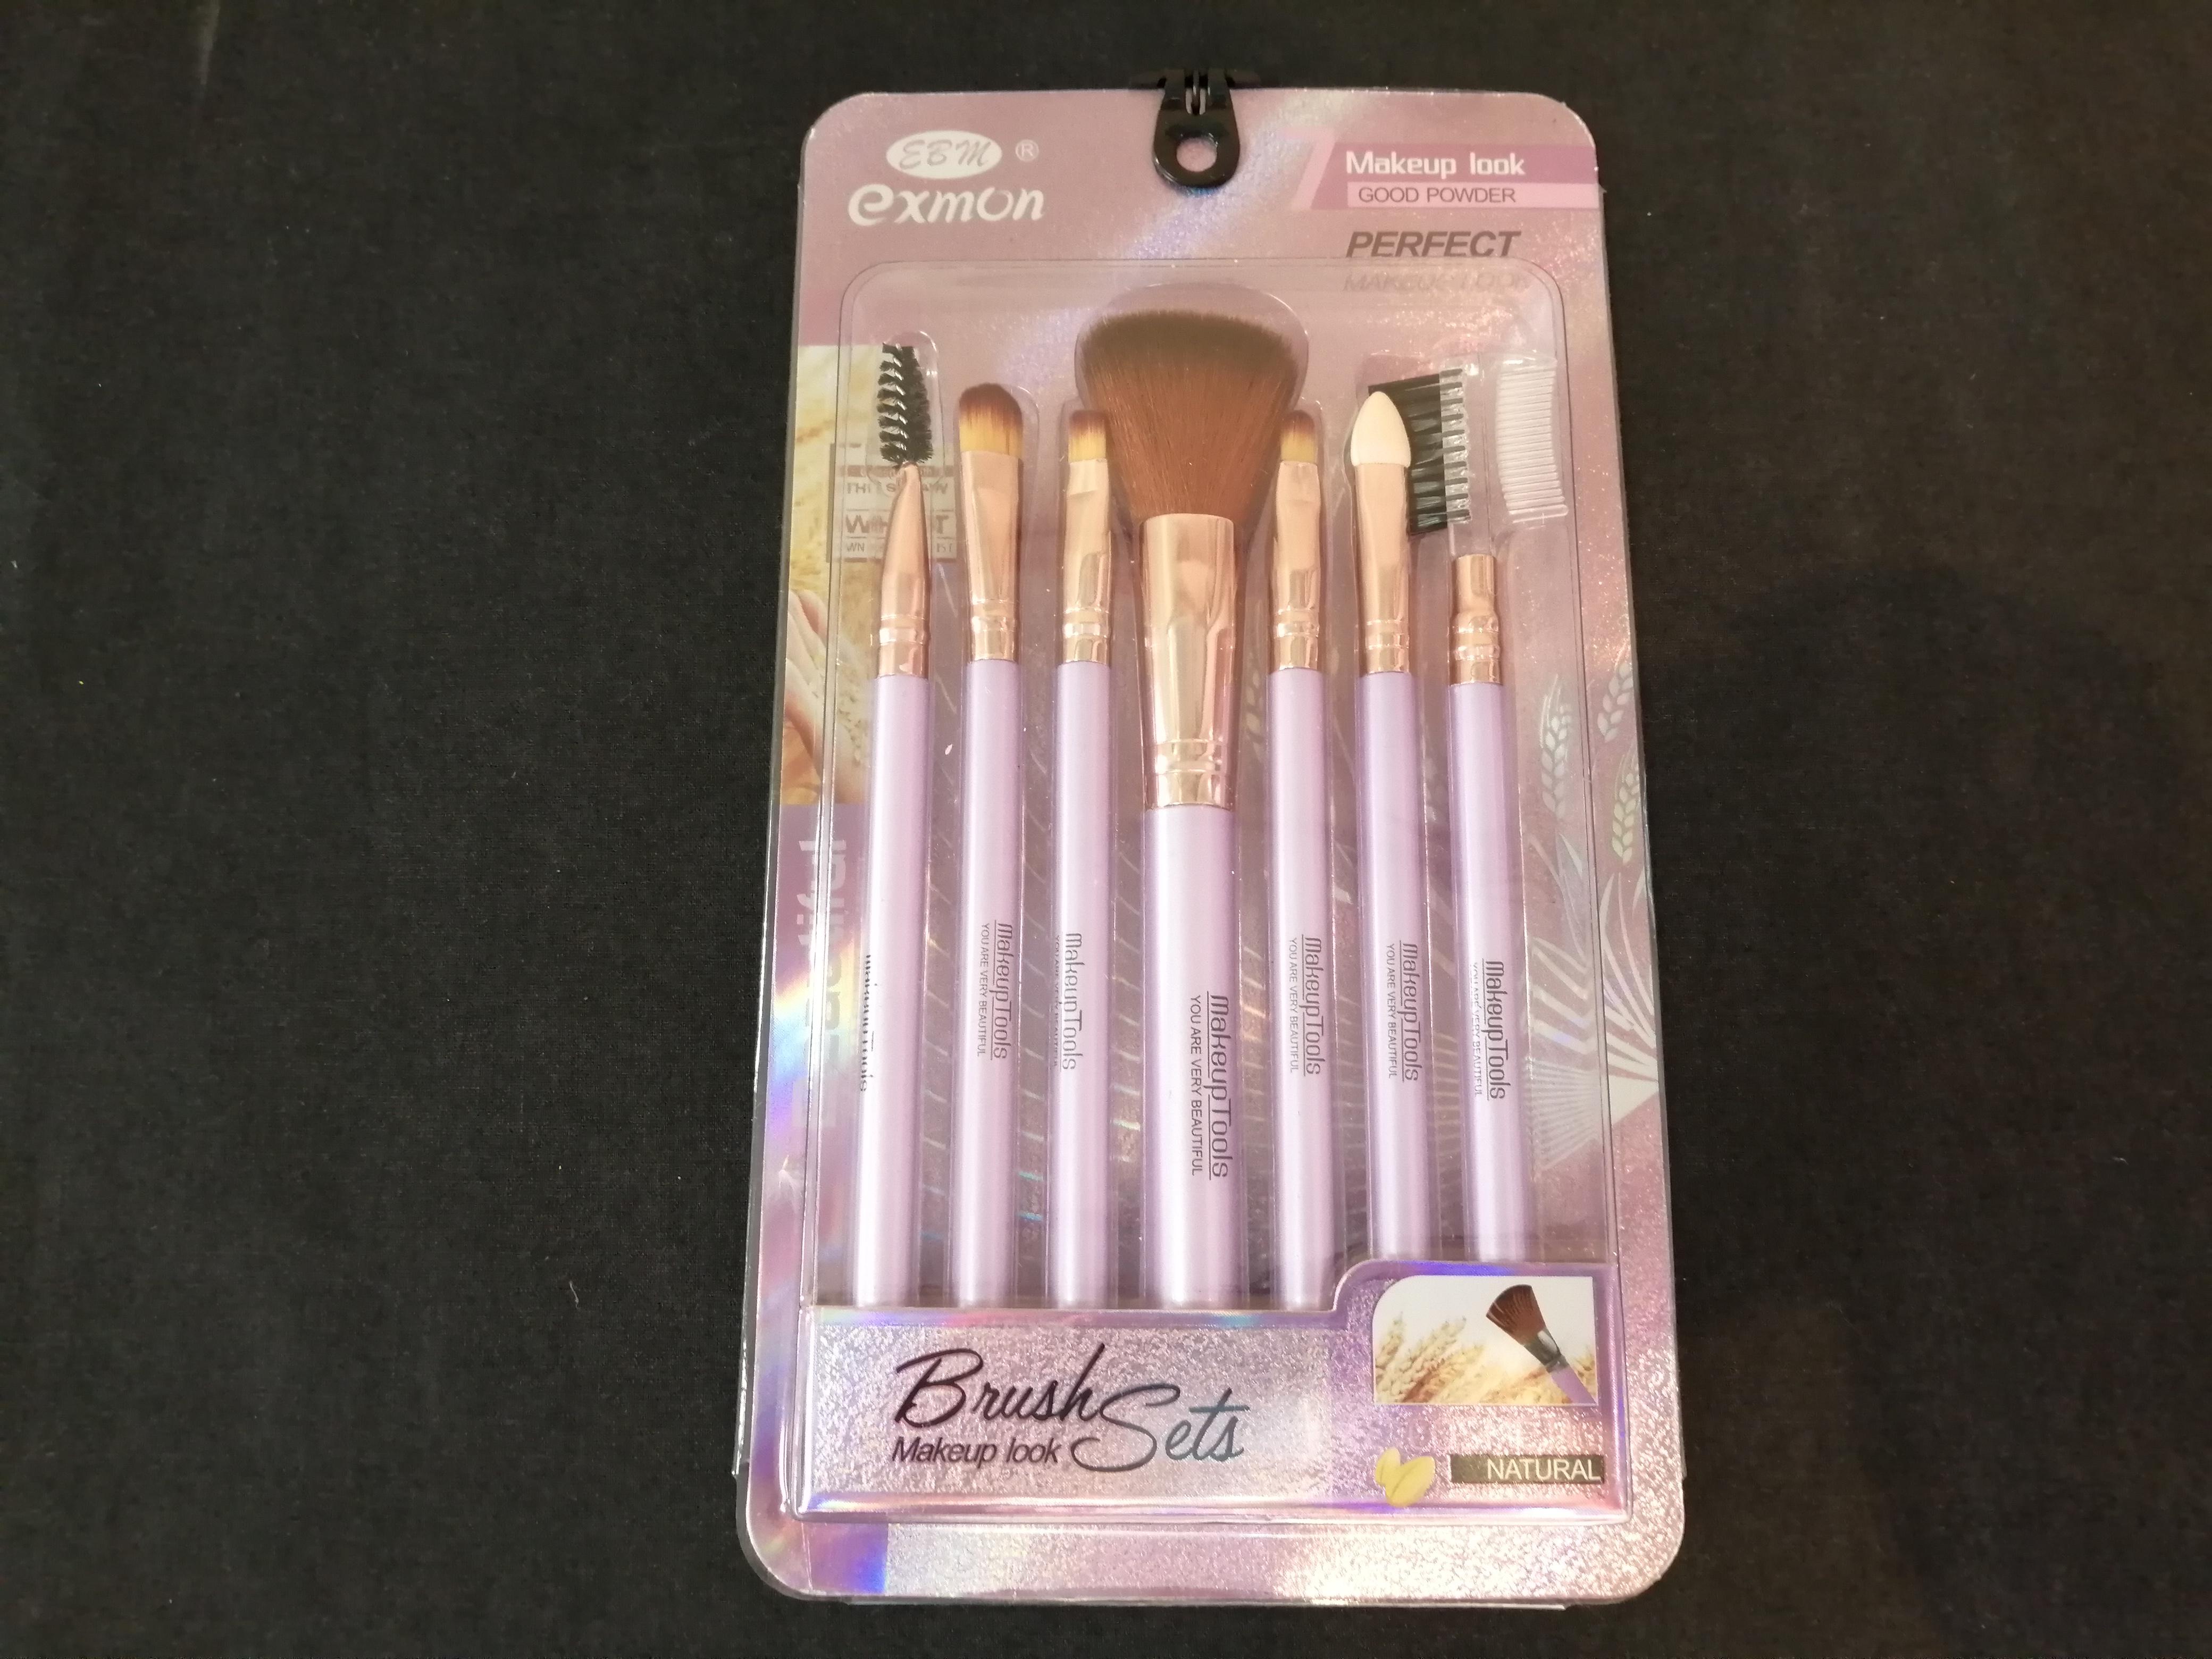 Brush Set at Mercury Toys